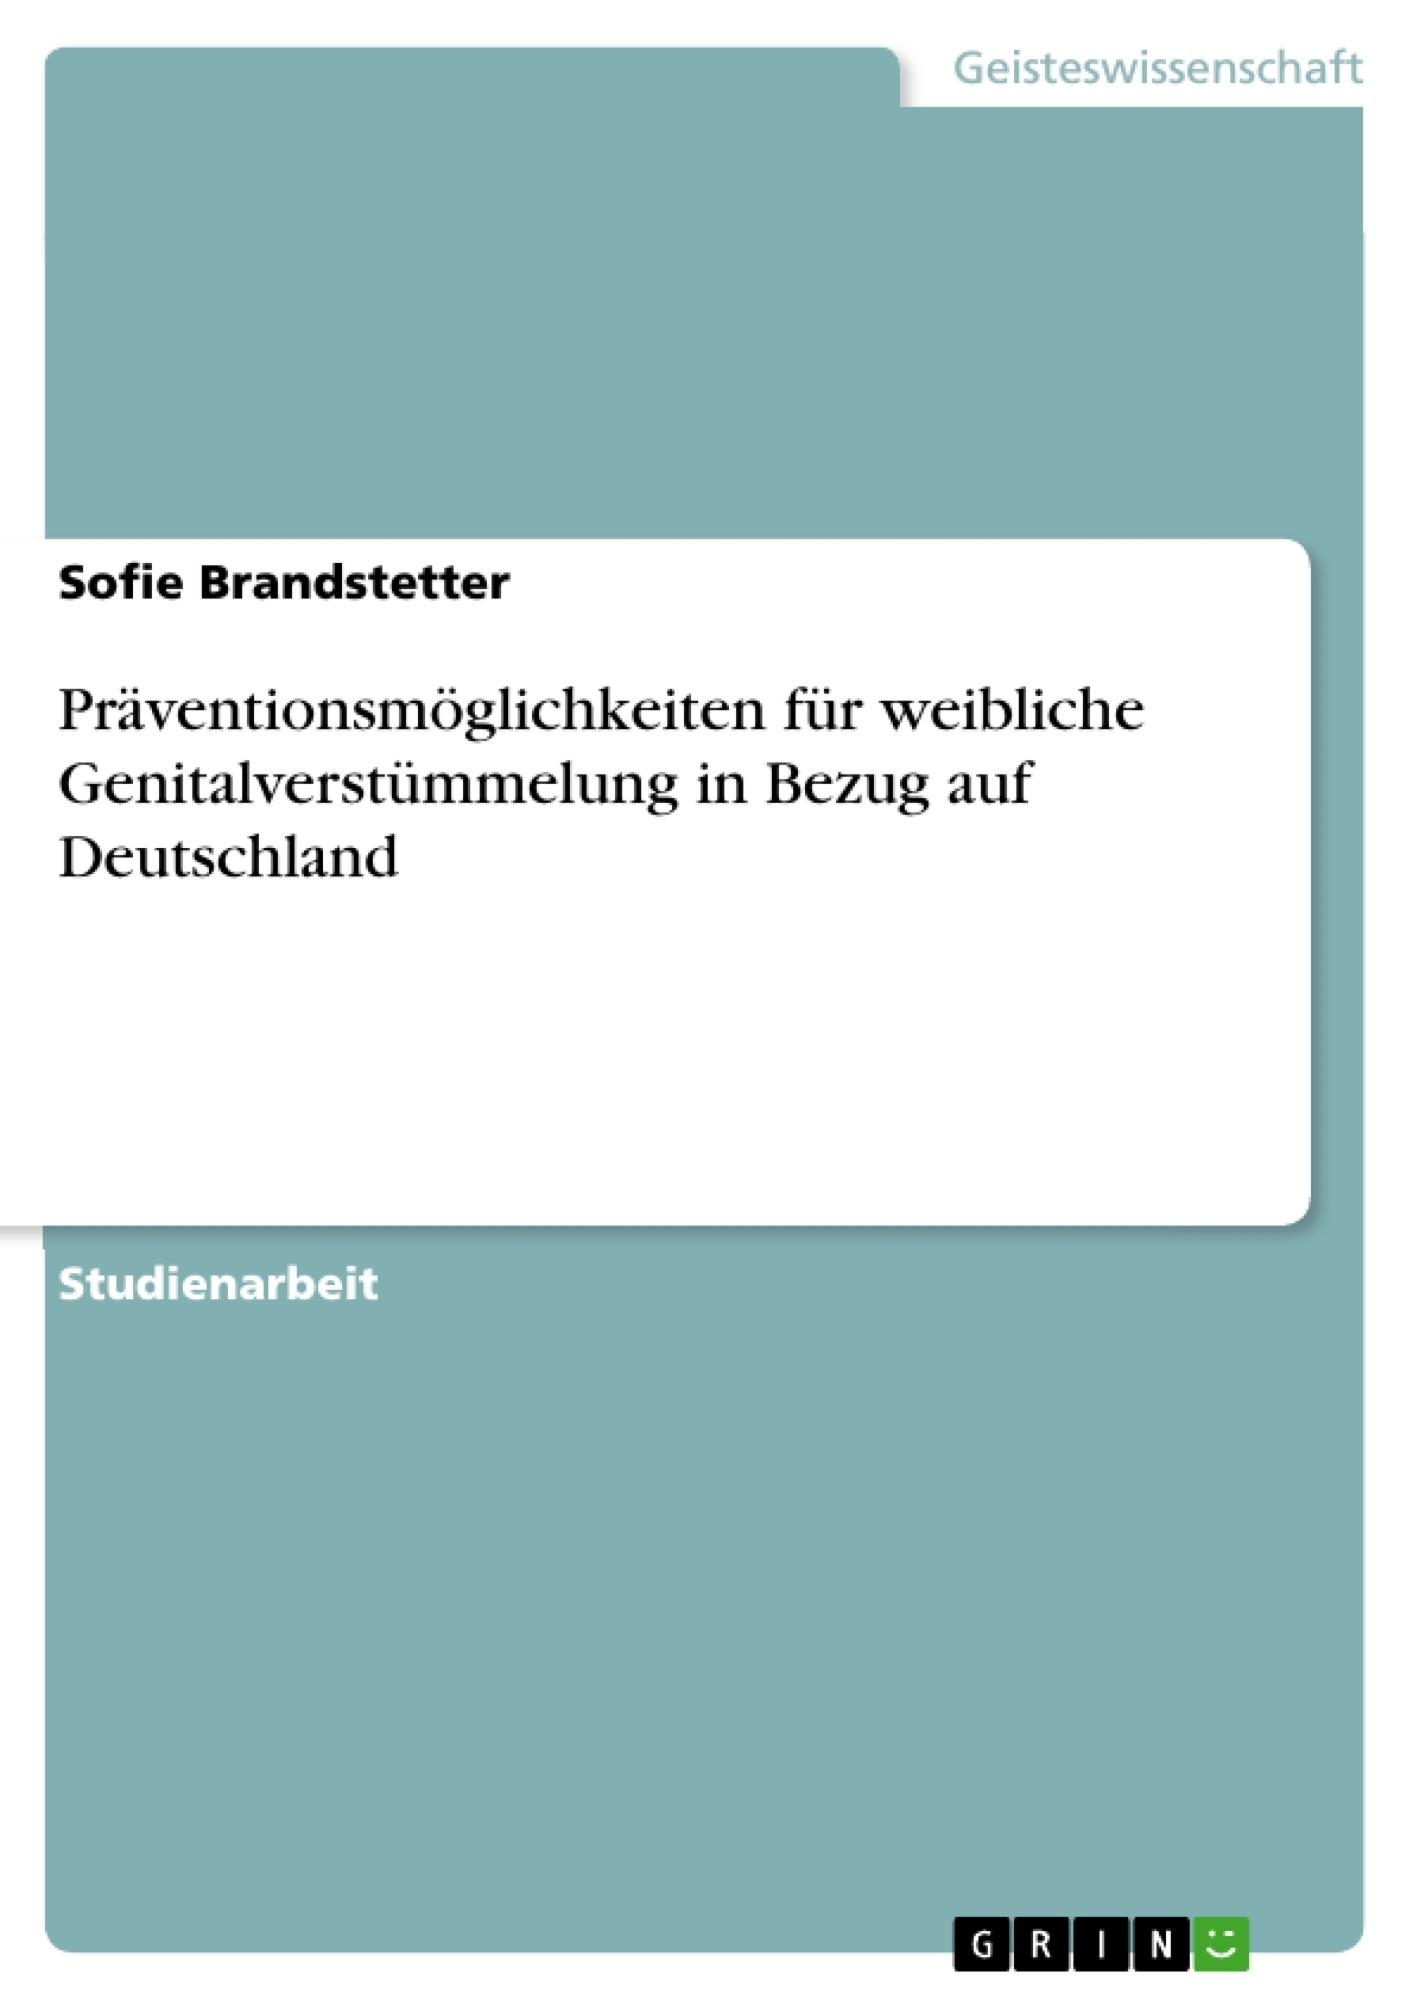 Titel: Präventionsmöglichkeiten für weibliche Genitalverstümmelung in Bezug auf Deutschland